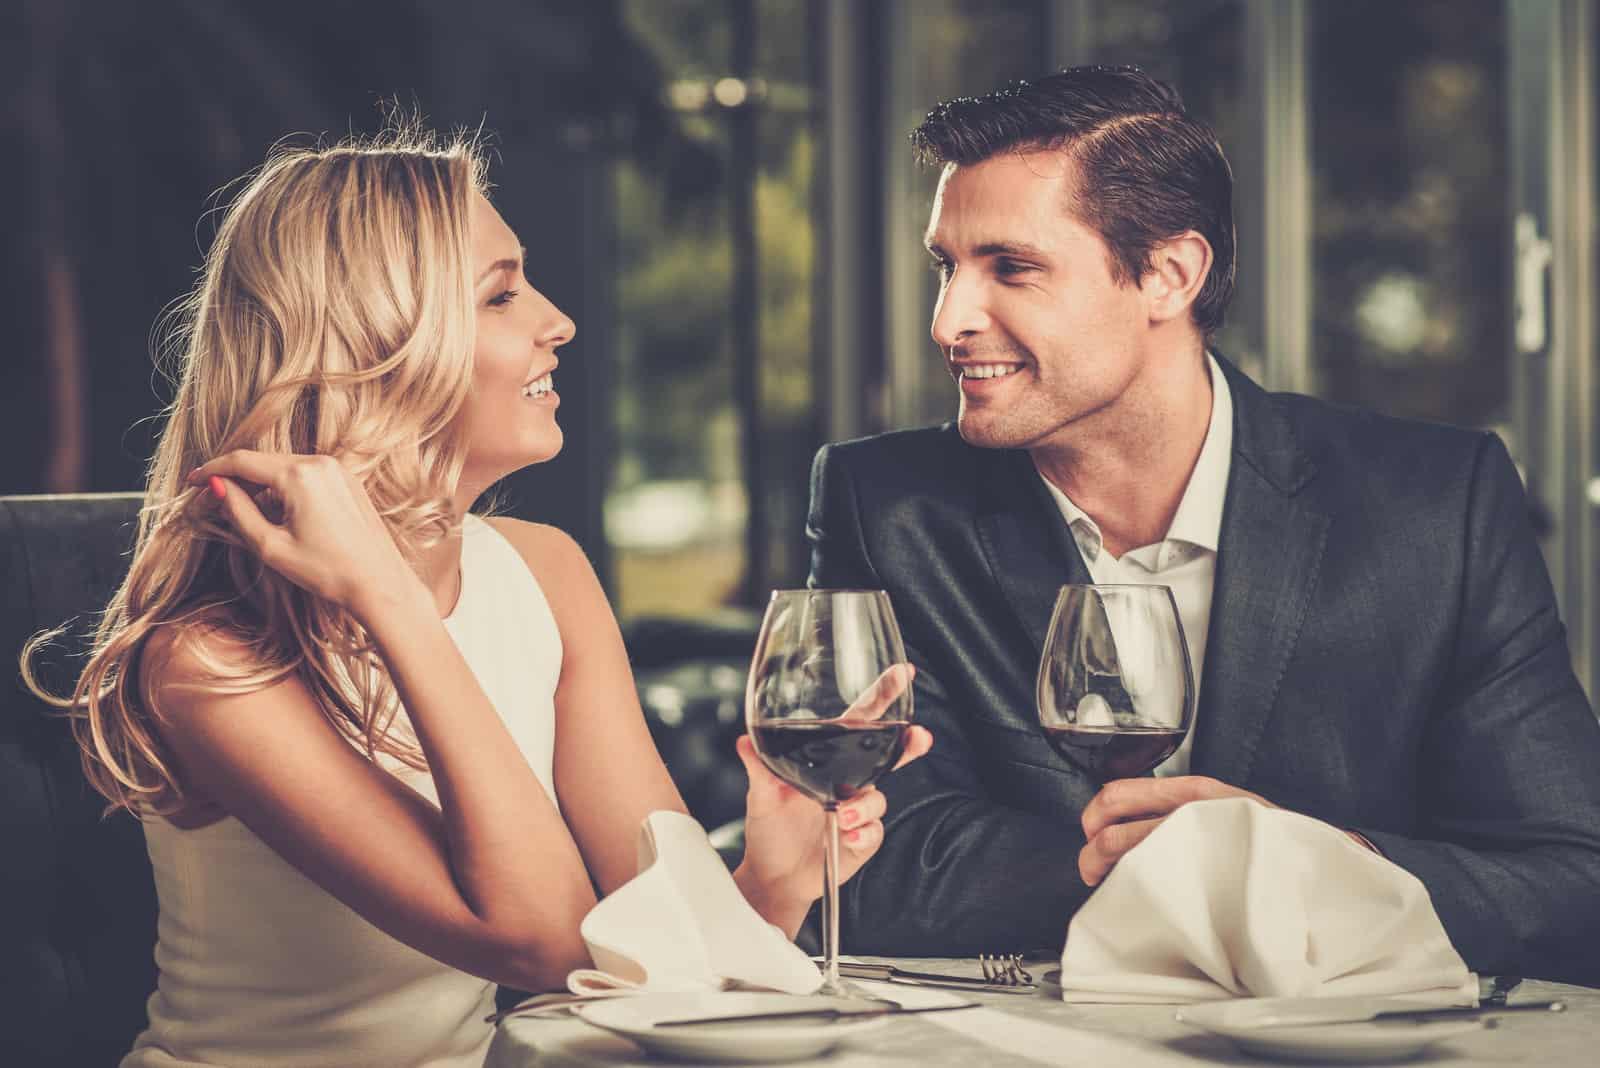 un couple souriant est assis et sourit en buvant du vin